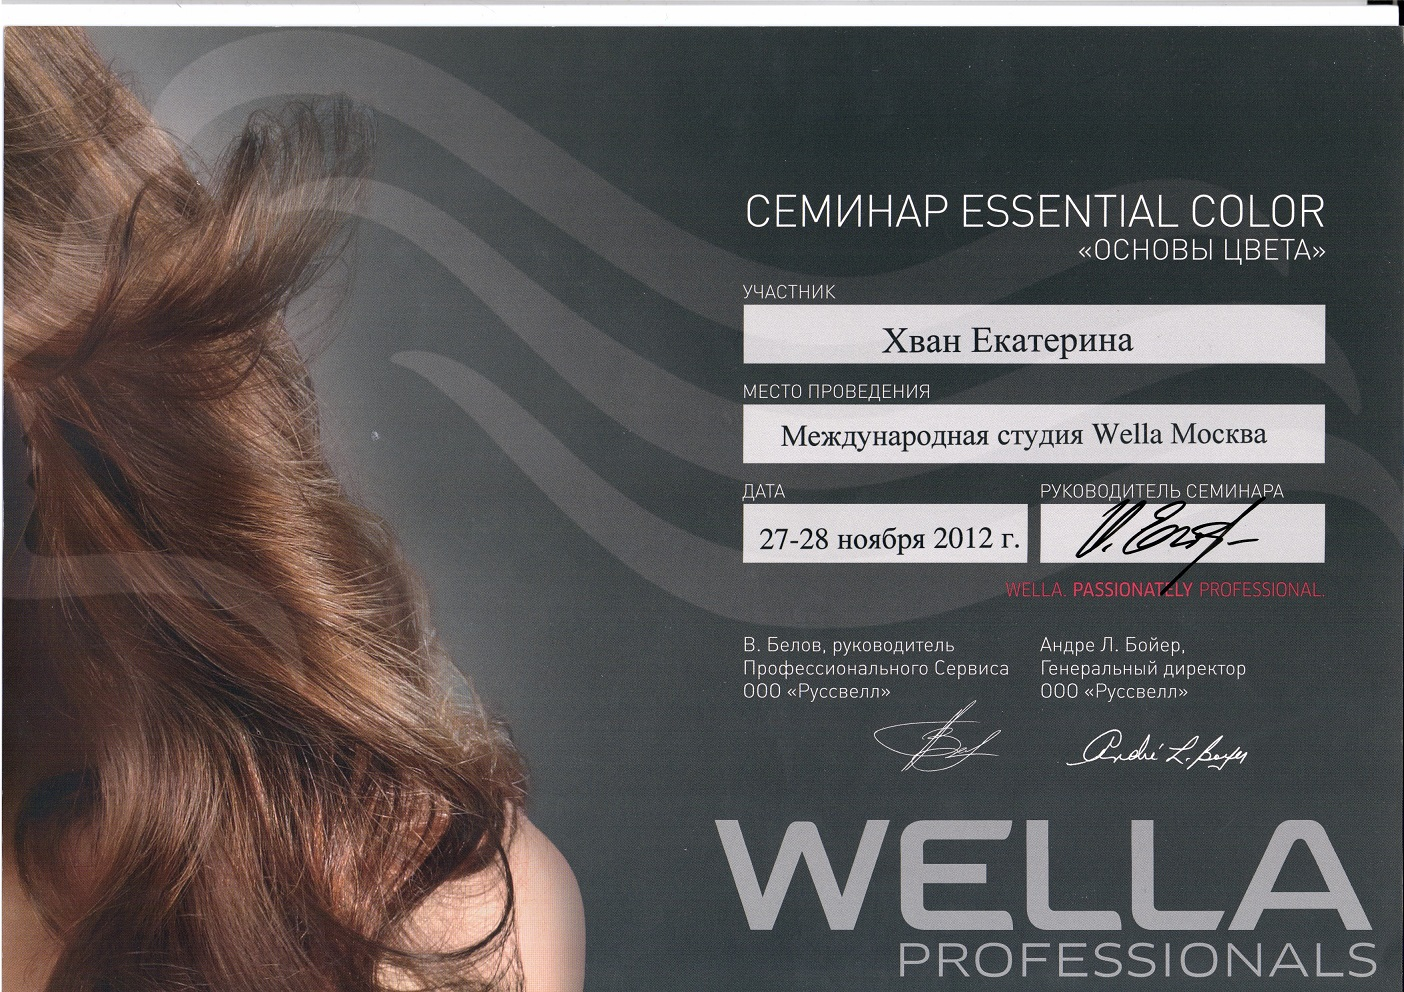 2012 основы цвета wella